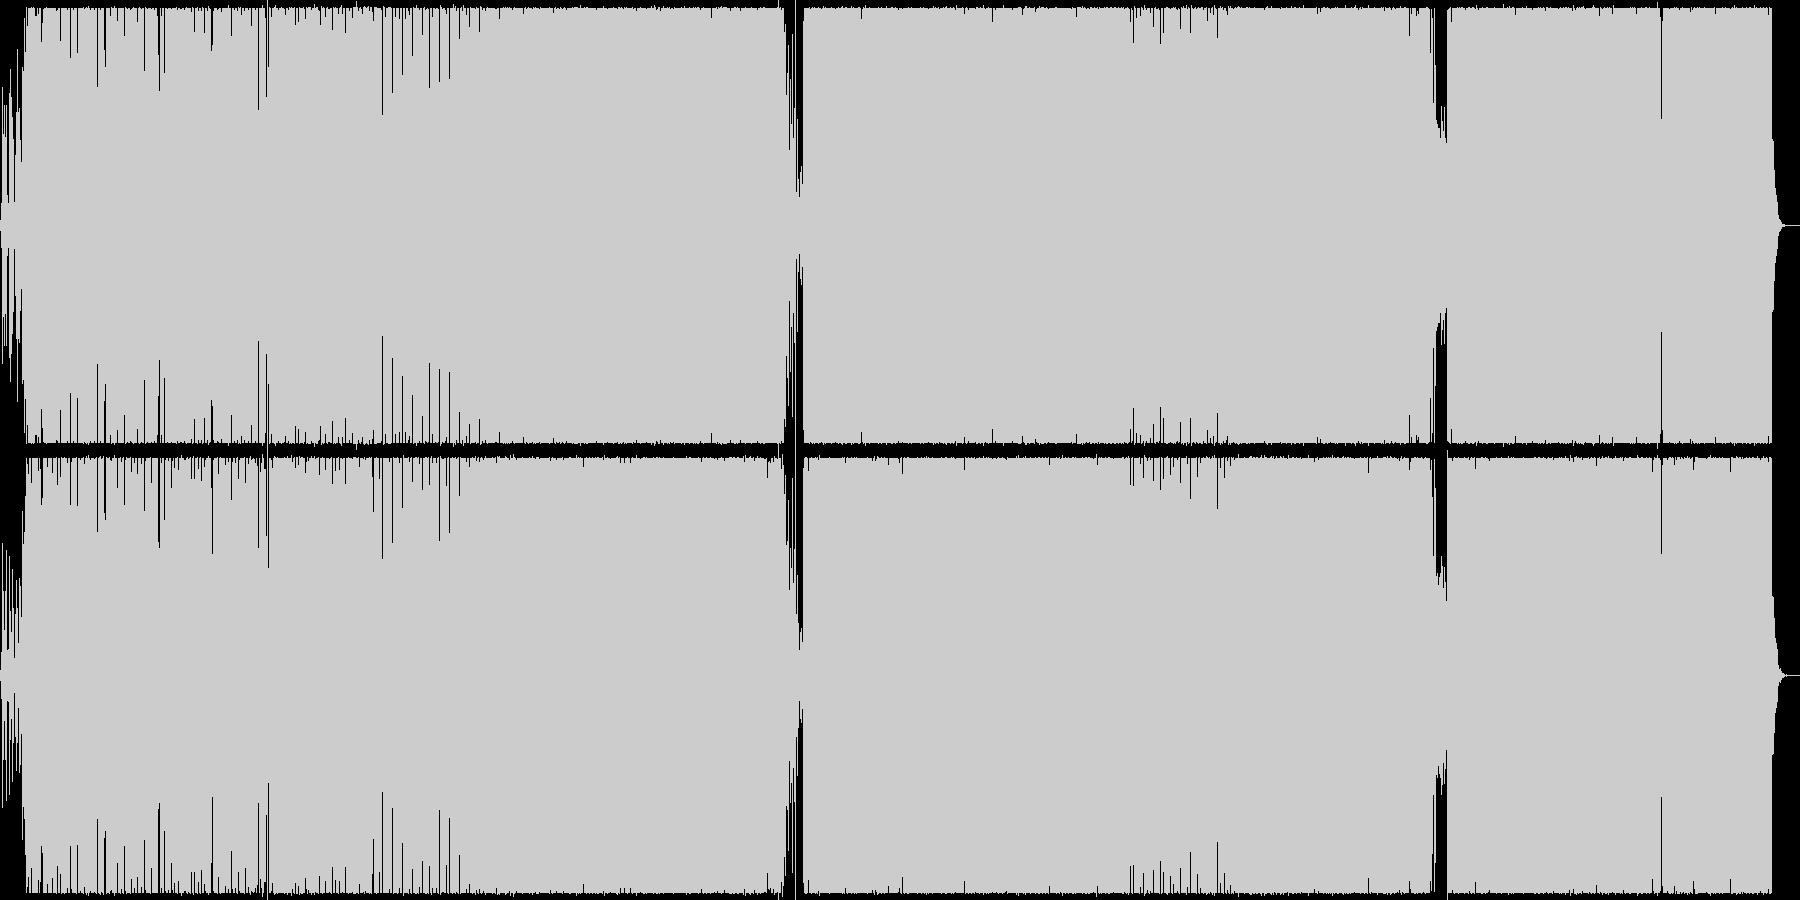 【BGM】ベースが印象的なテクノ曲の未再生の波形